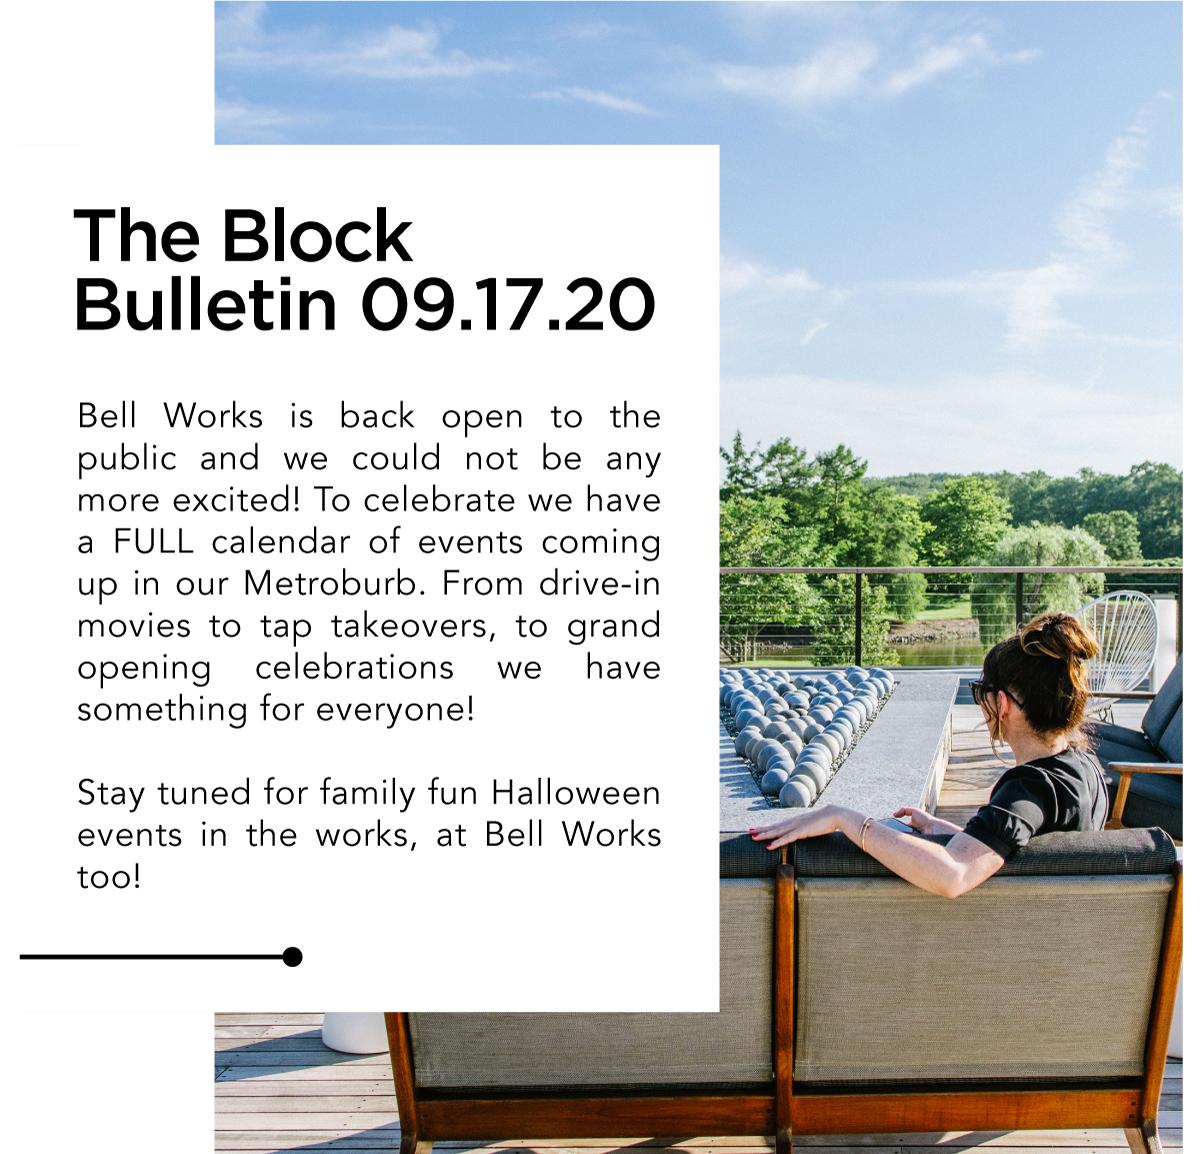 The Block Bulletin 09.17.20